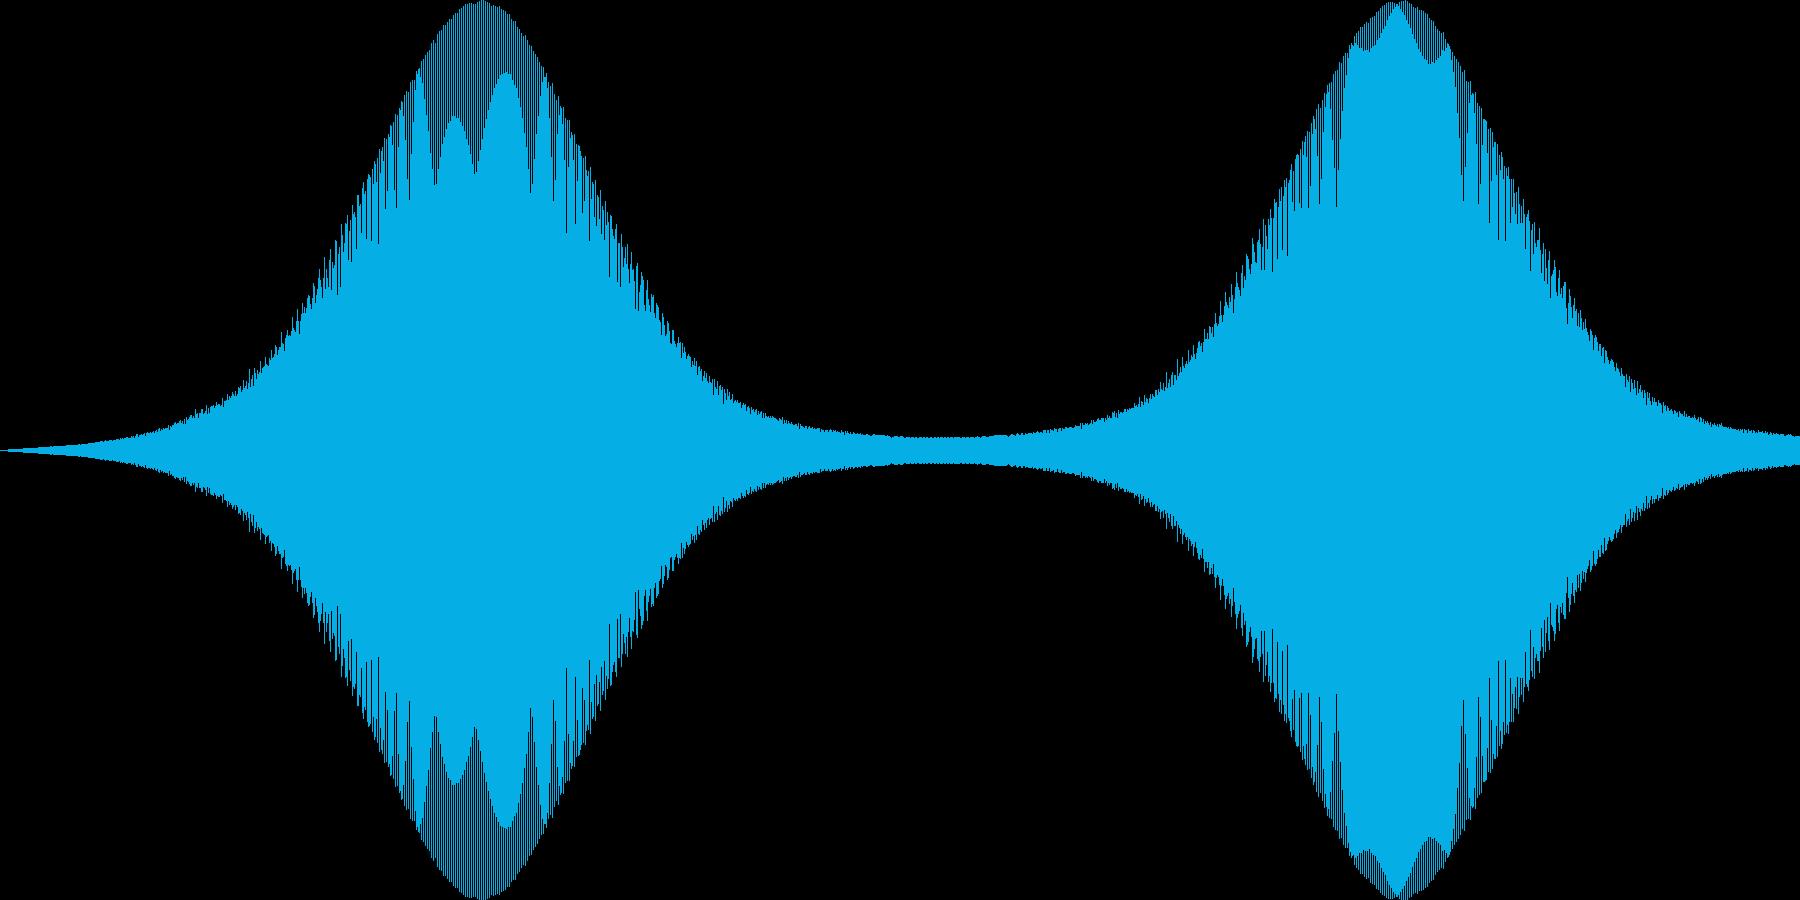 ピョイピョイ(感情:怒る)の再生済みの波形